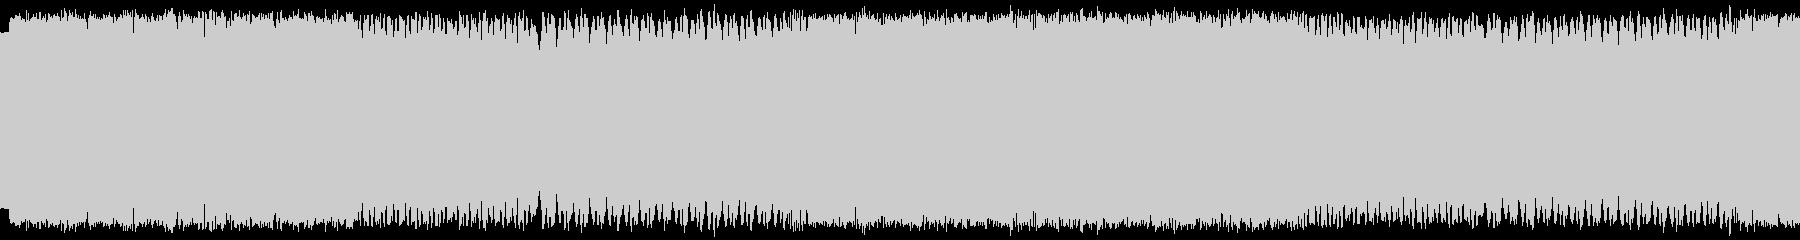 パトカーのサイレンの未再生の波形